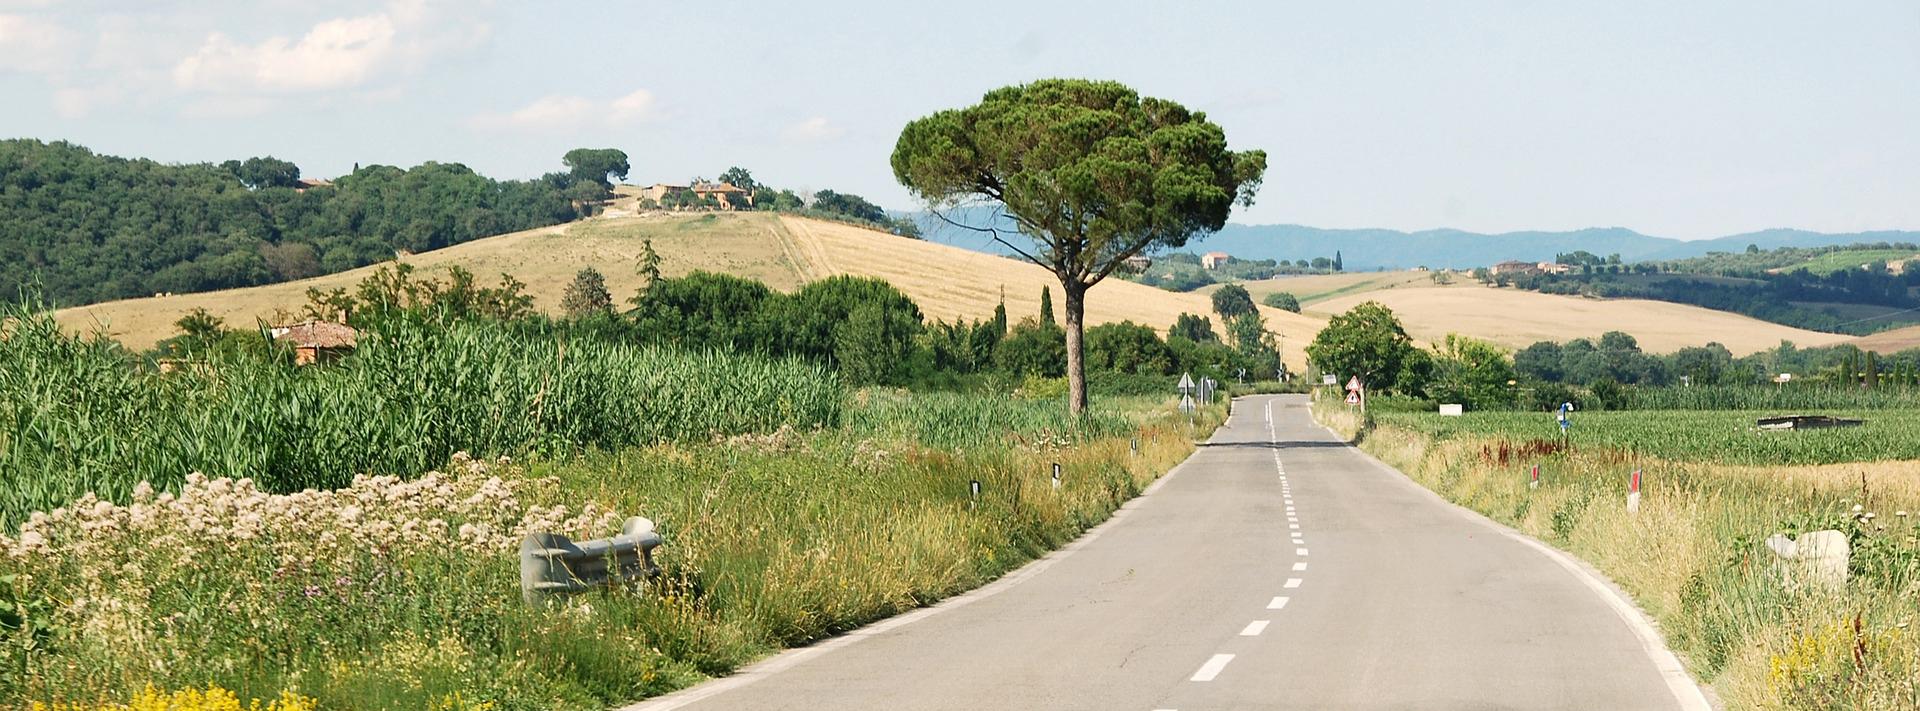 Bei Roadtrips Europa dürfen Italien-Reisen nicht fehlen